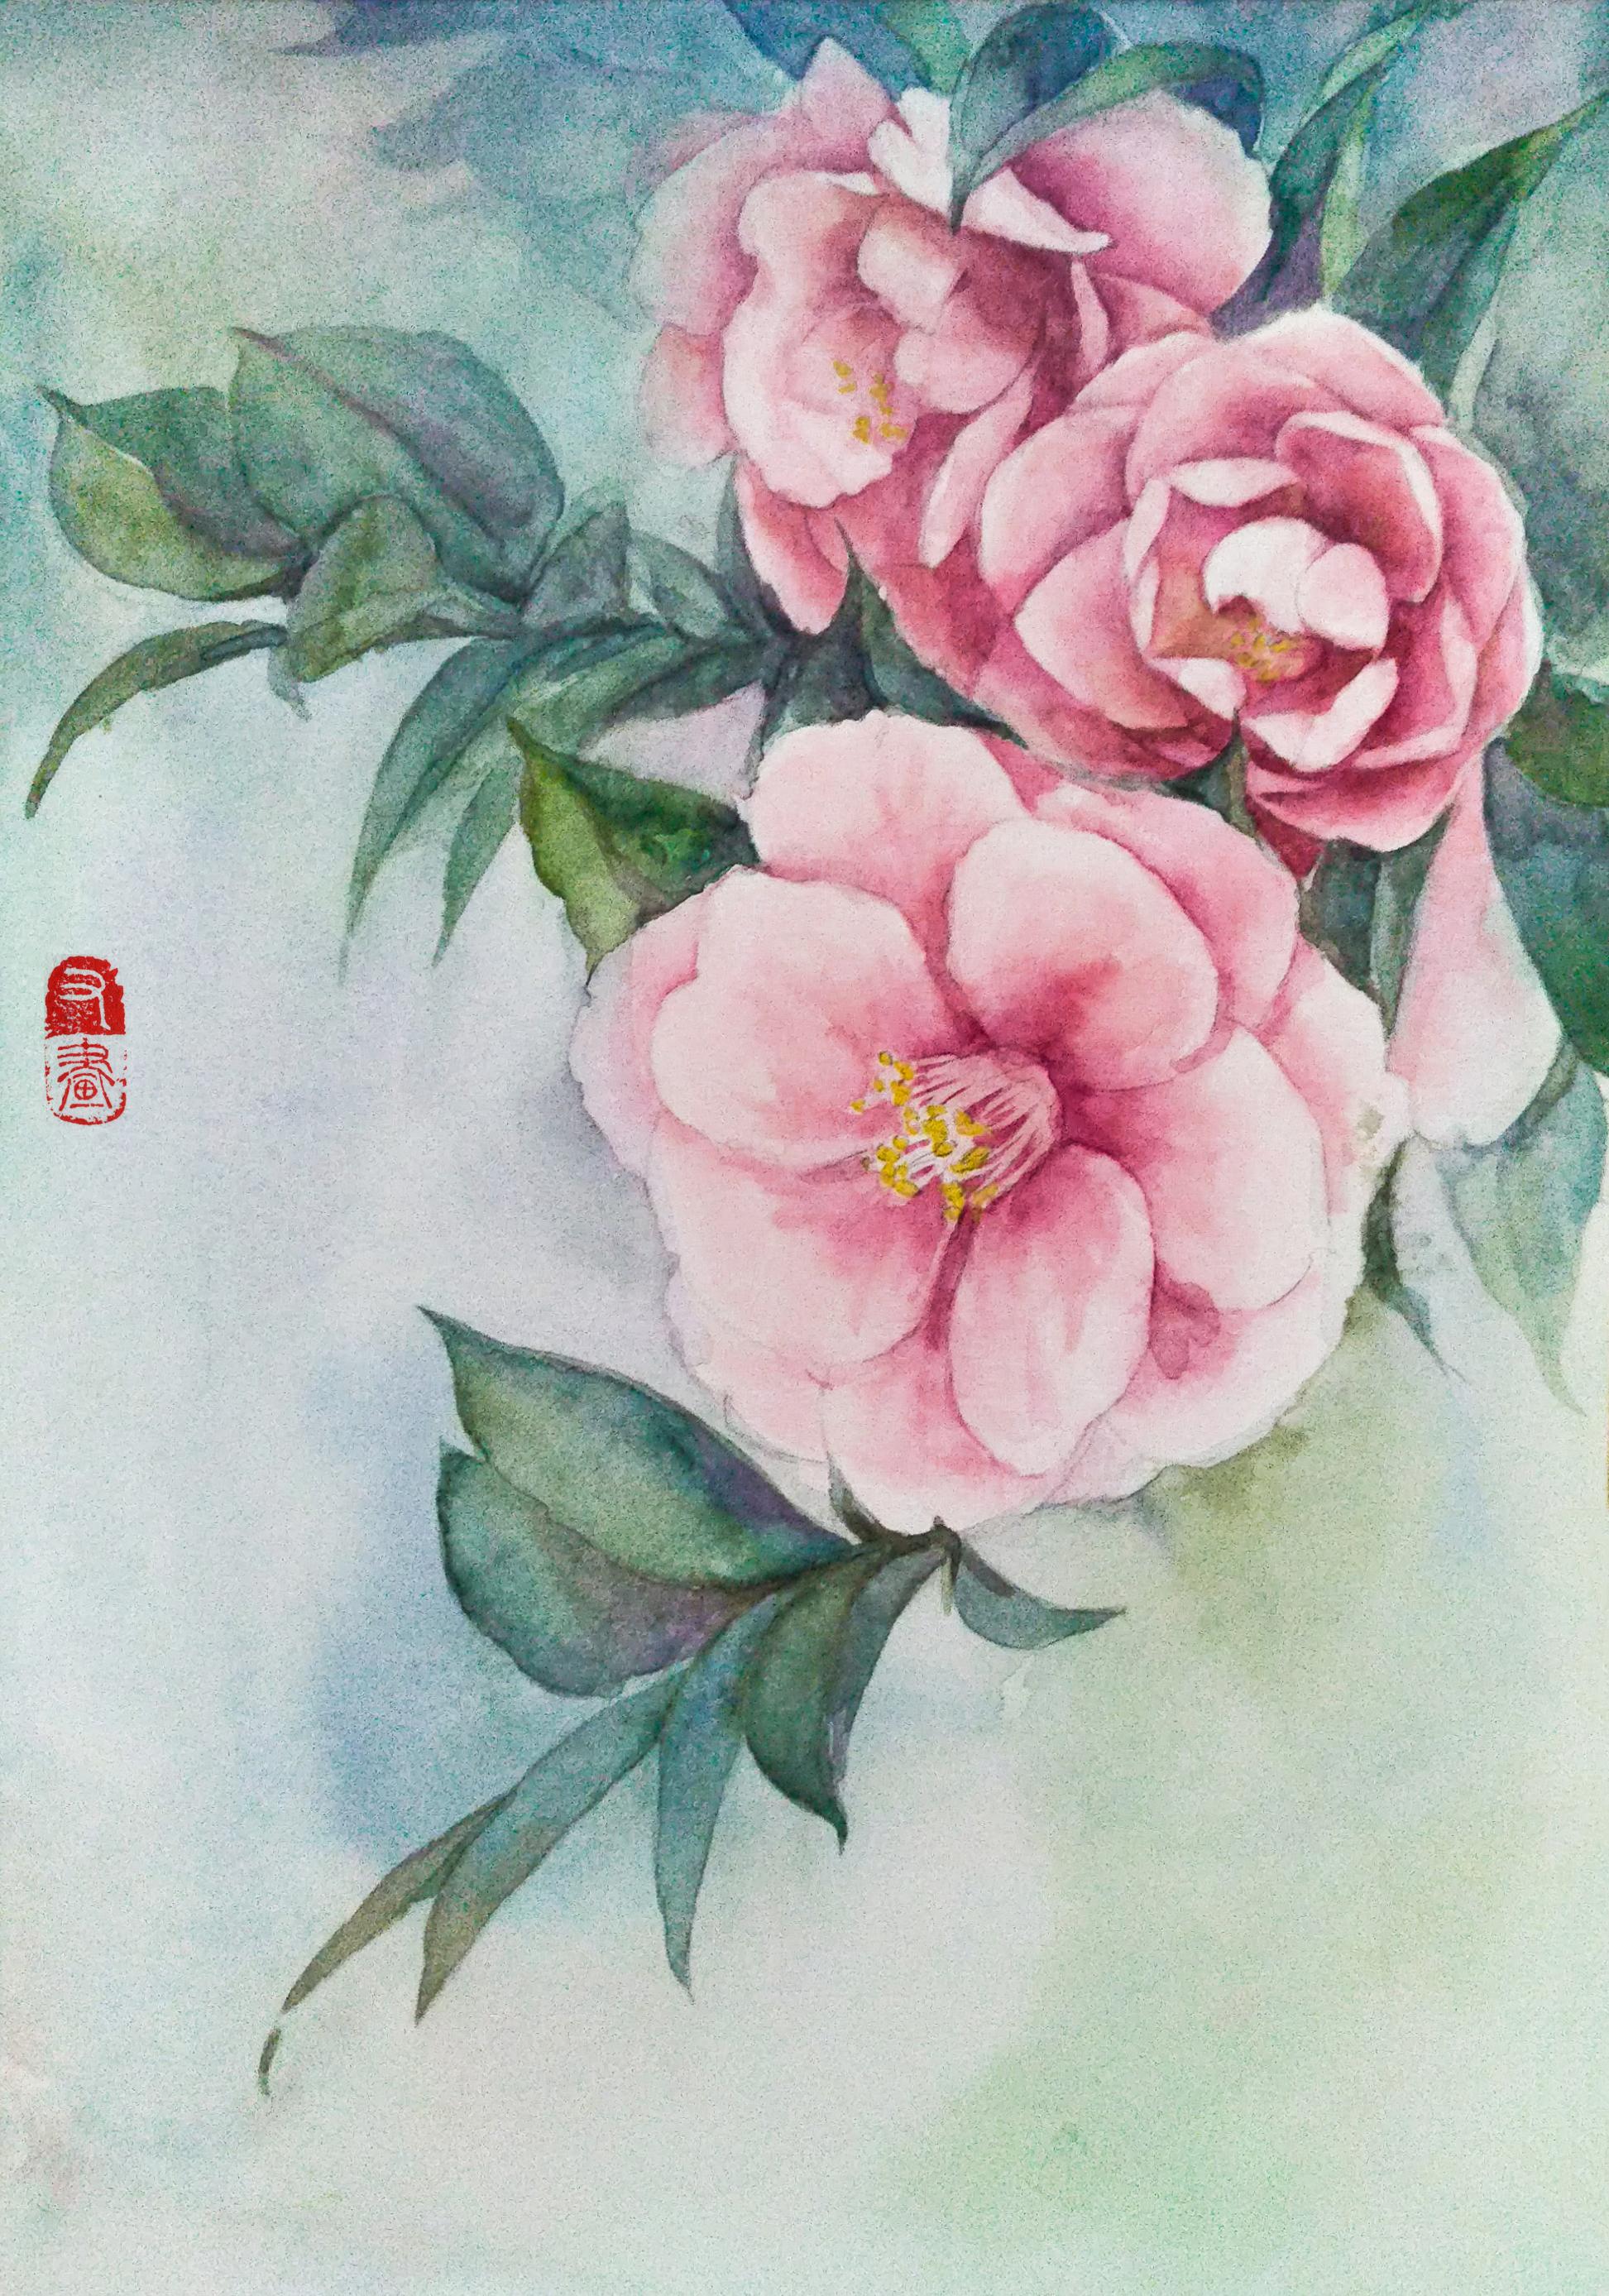 写生,颜料,新手教程,水彩画入门,上色,初学者,风景,花卉,植物,钢笔淡